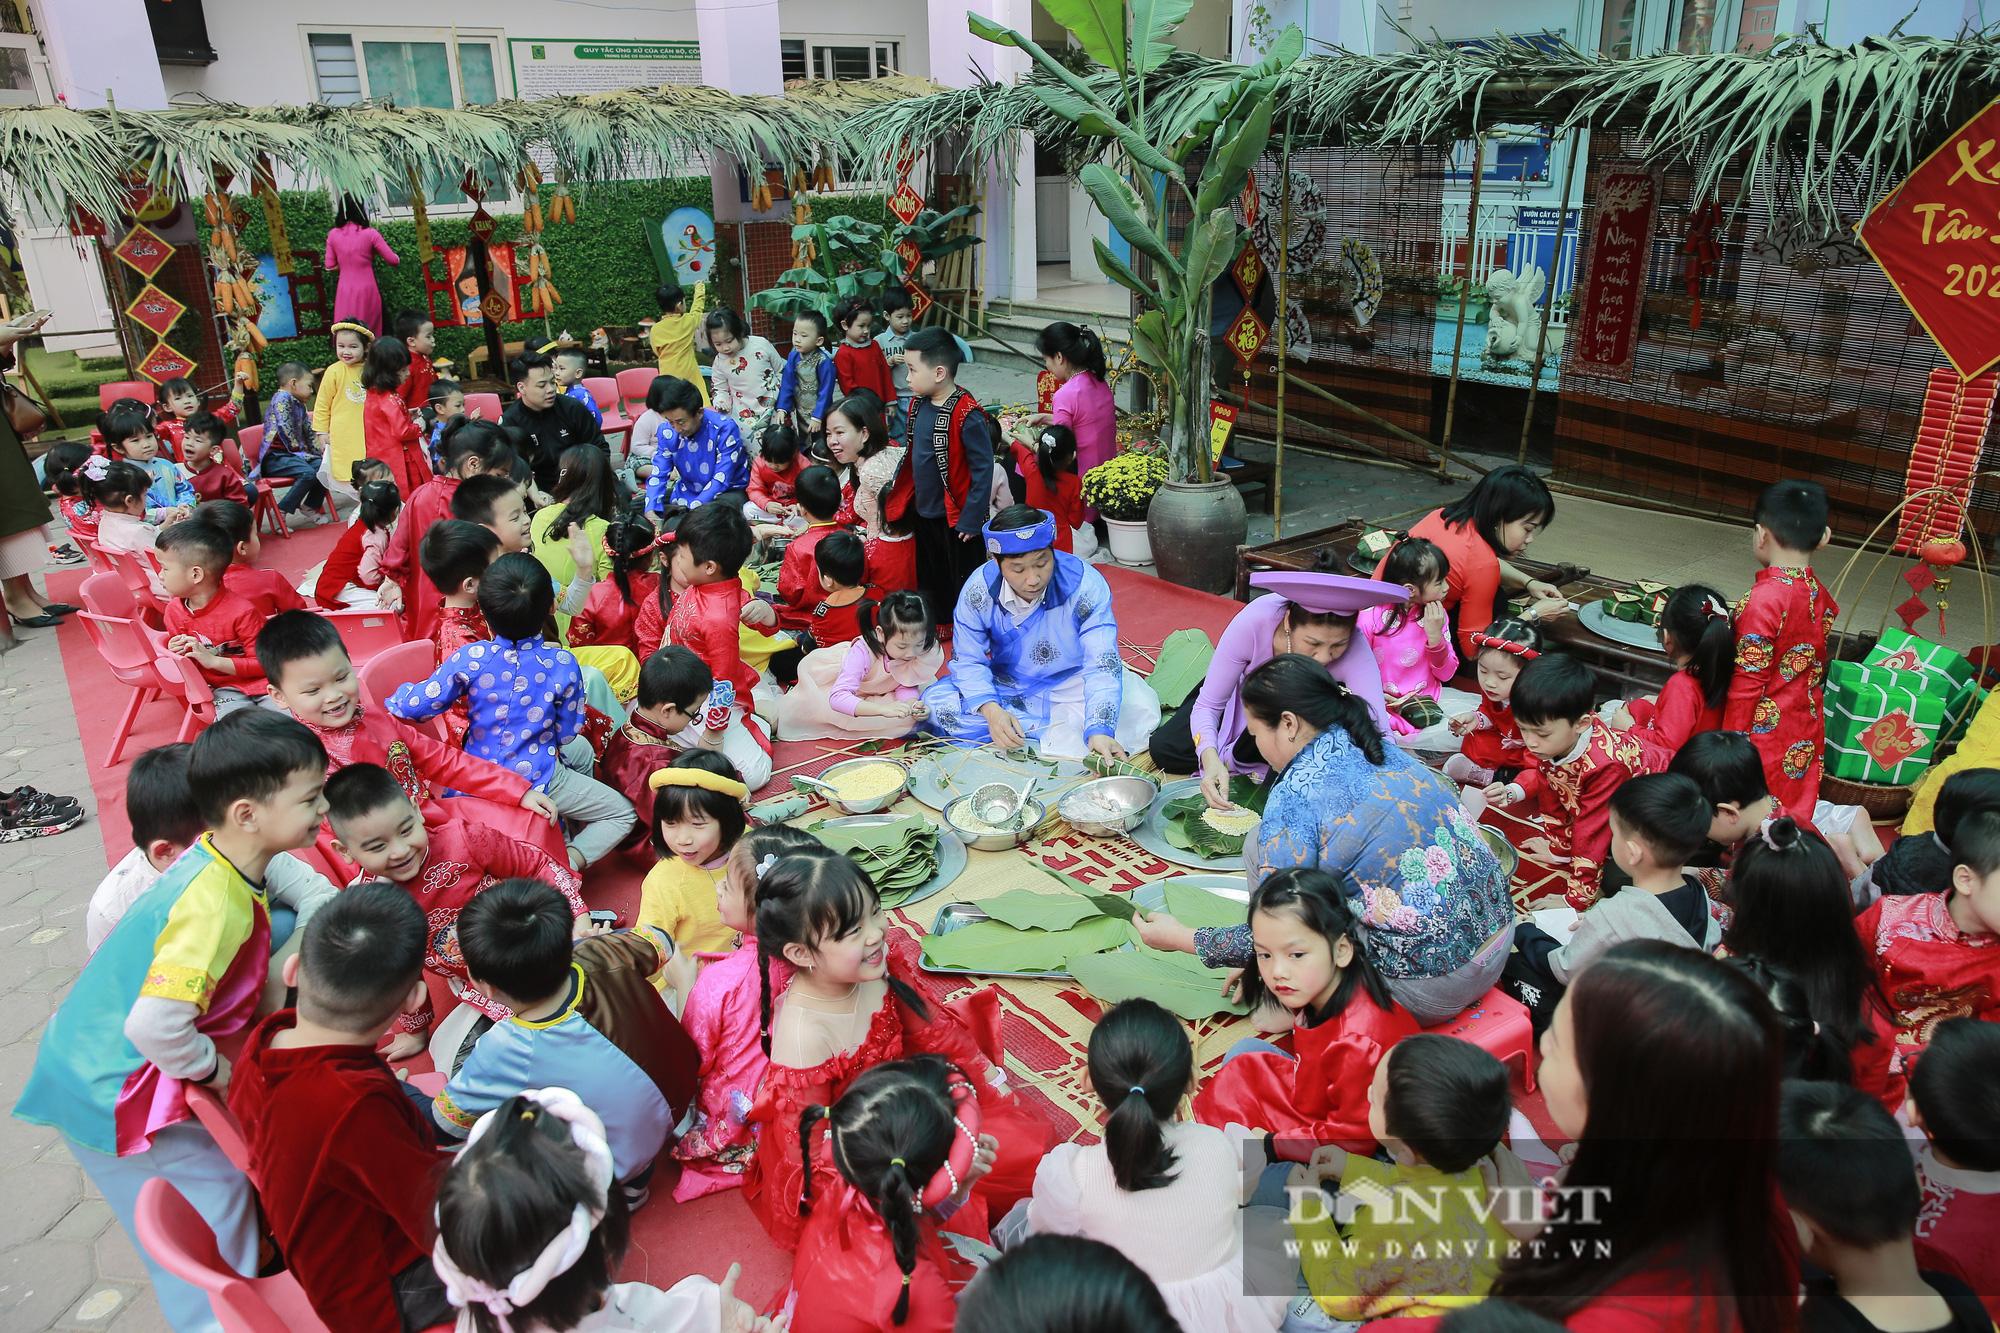 Trẻ em Hà Nội hào hứng khi lần đầu được gói bánh chưng cùng cha mẹ - Ảnh 3.